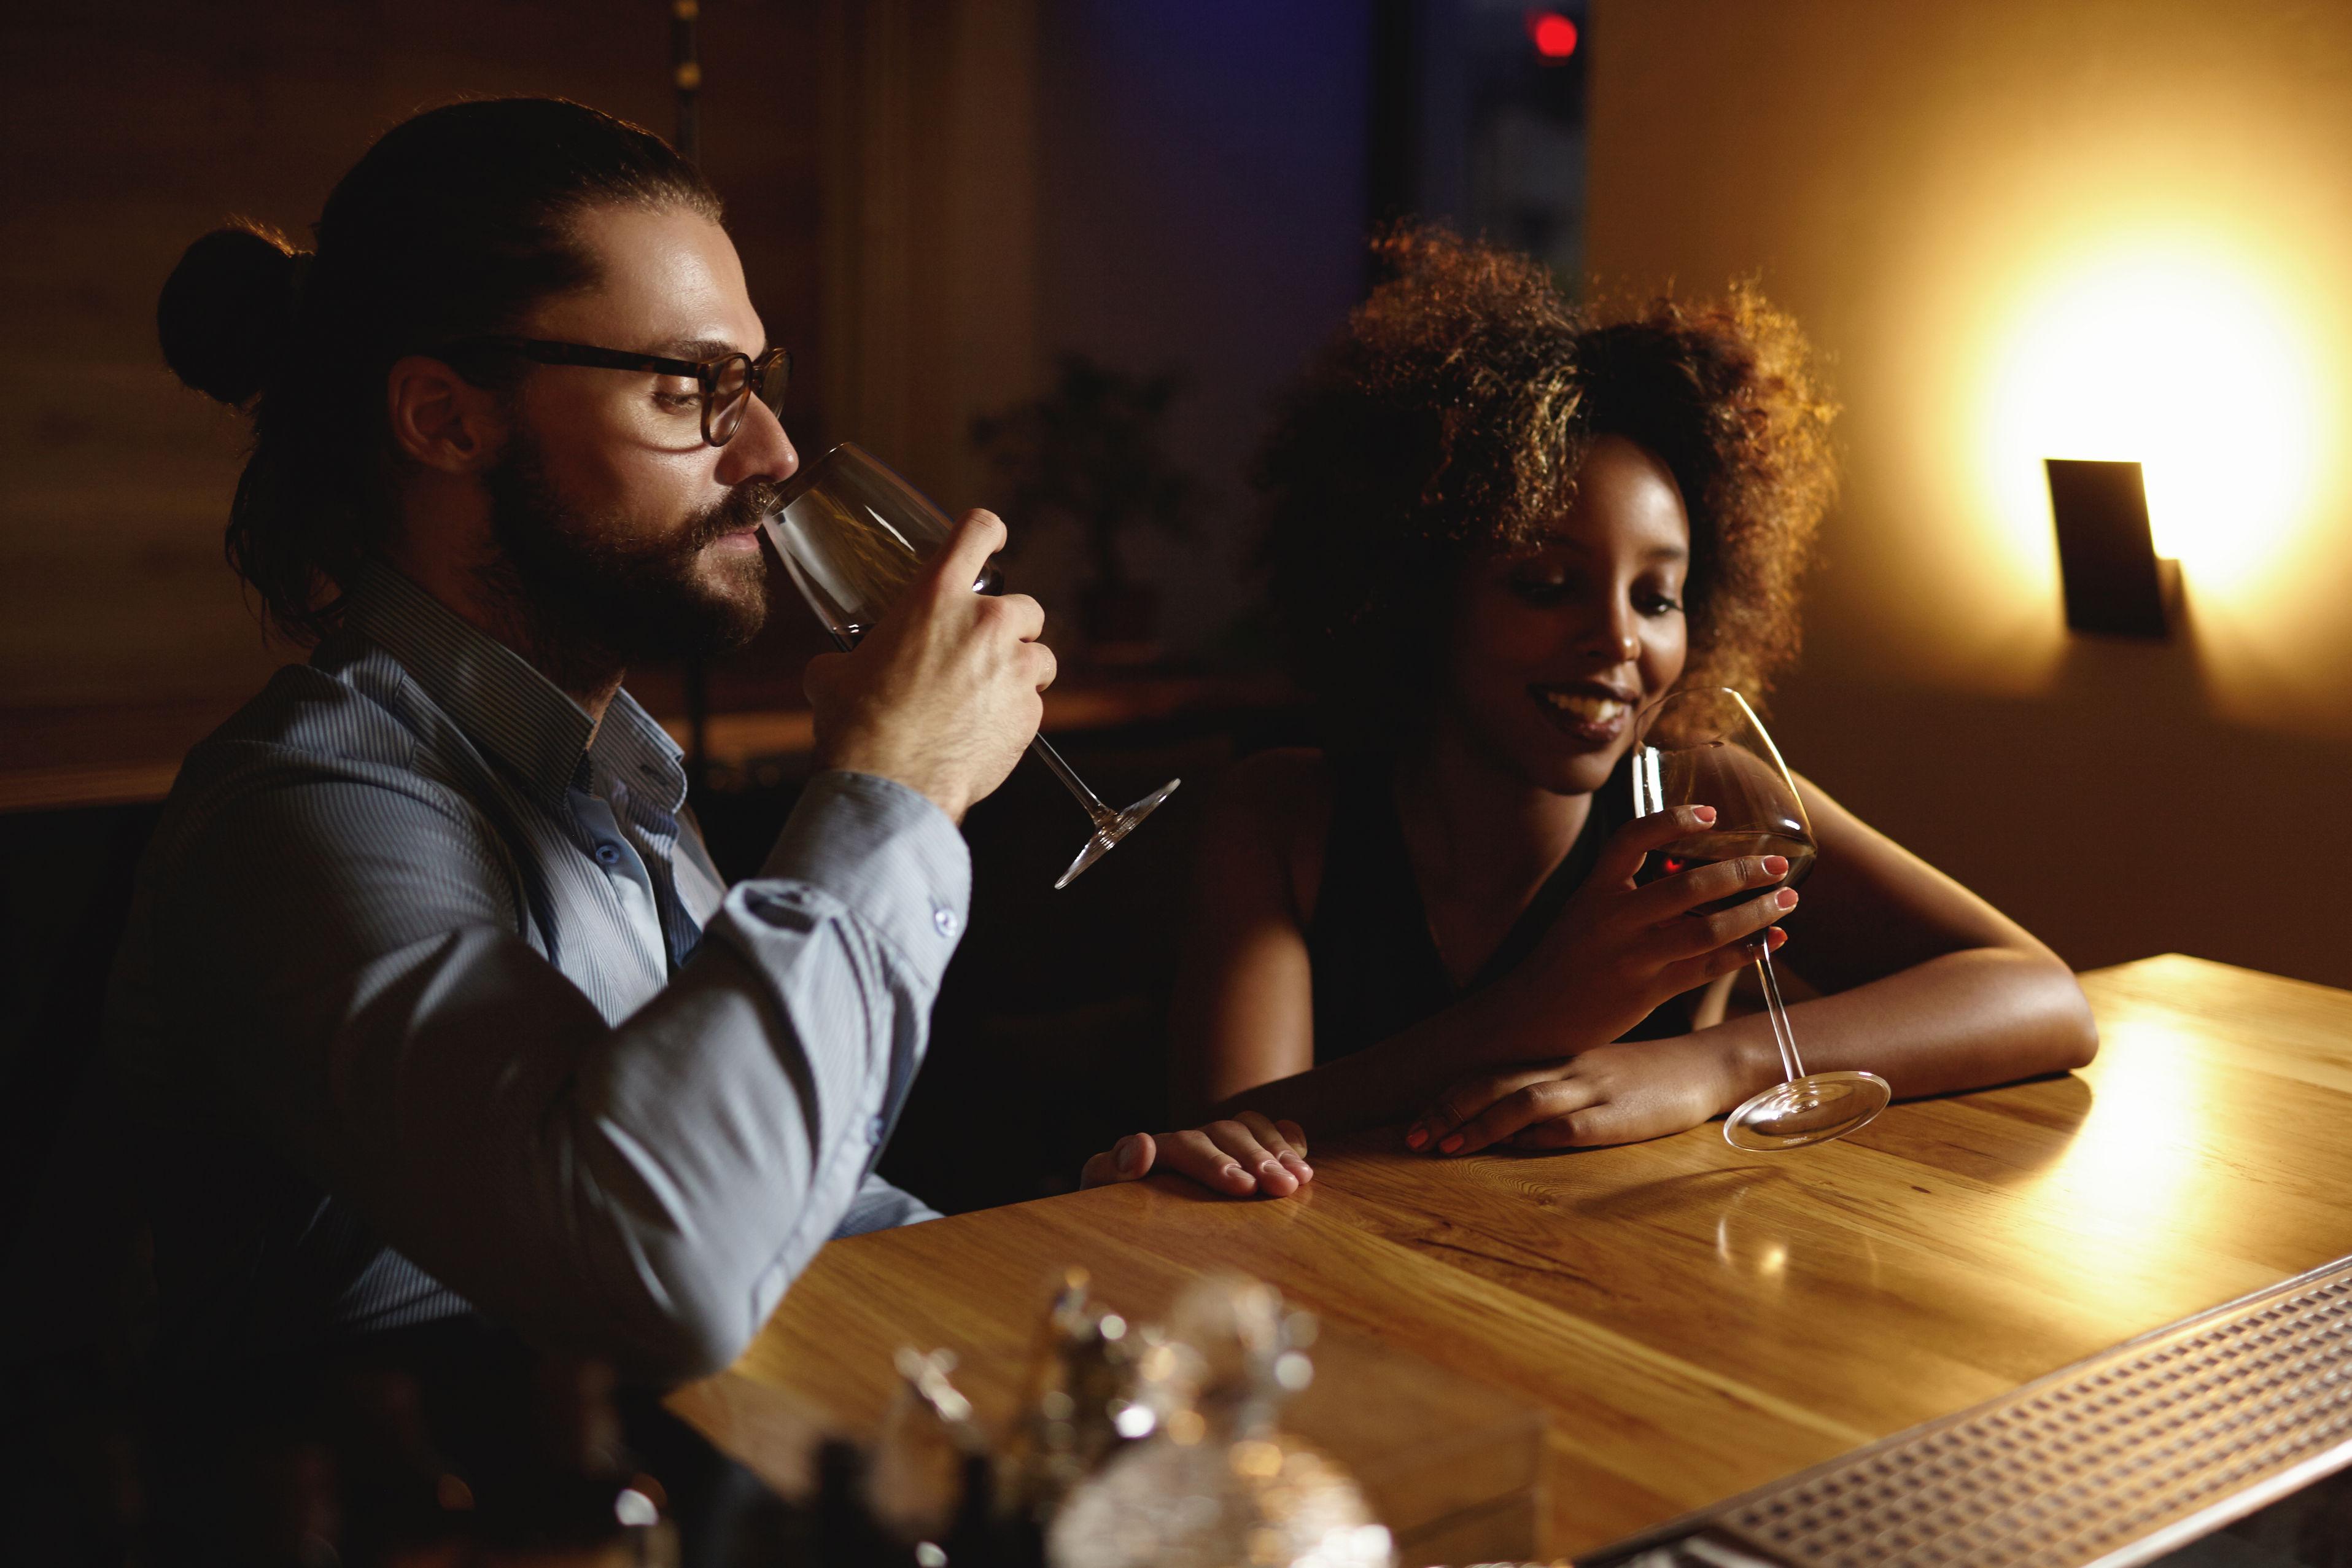 Organiser une soir e d gustation de vin - Organiser une soiree romantique ...